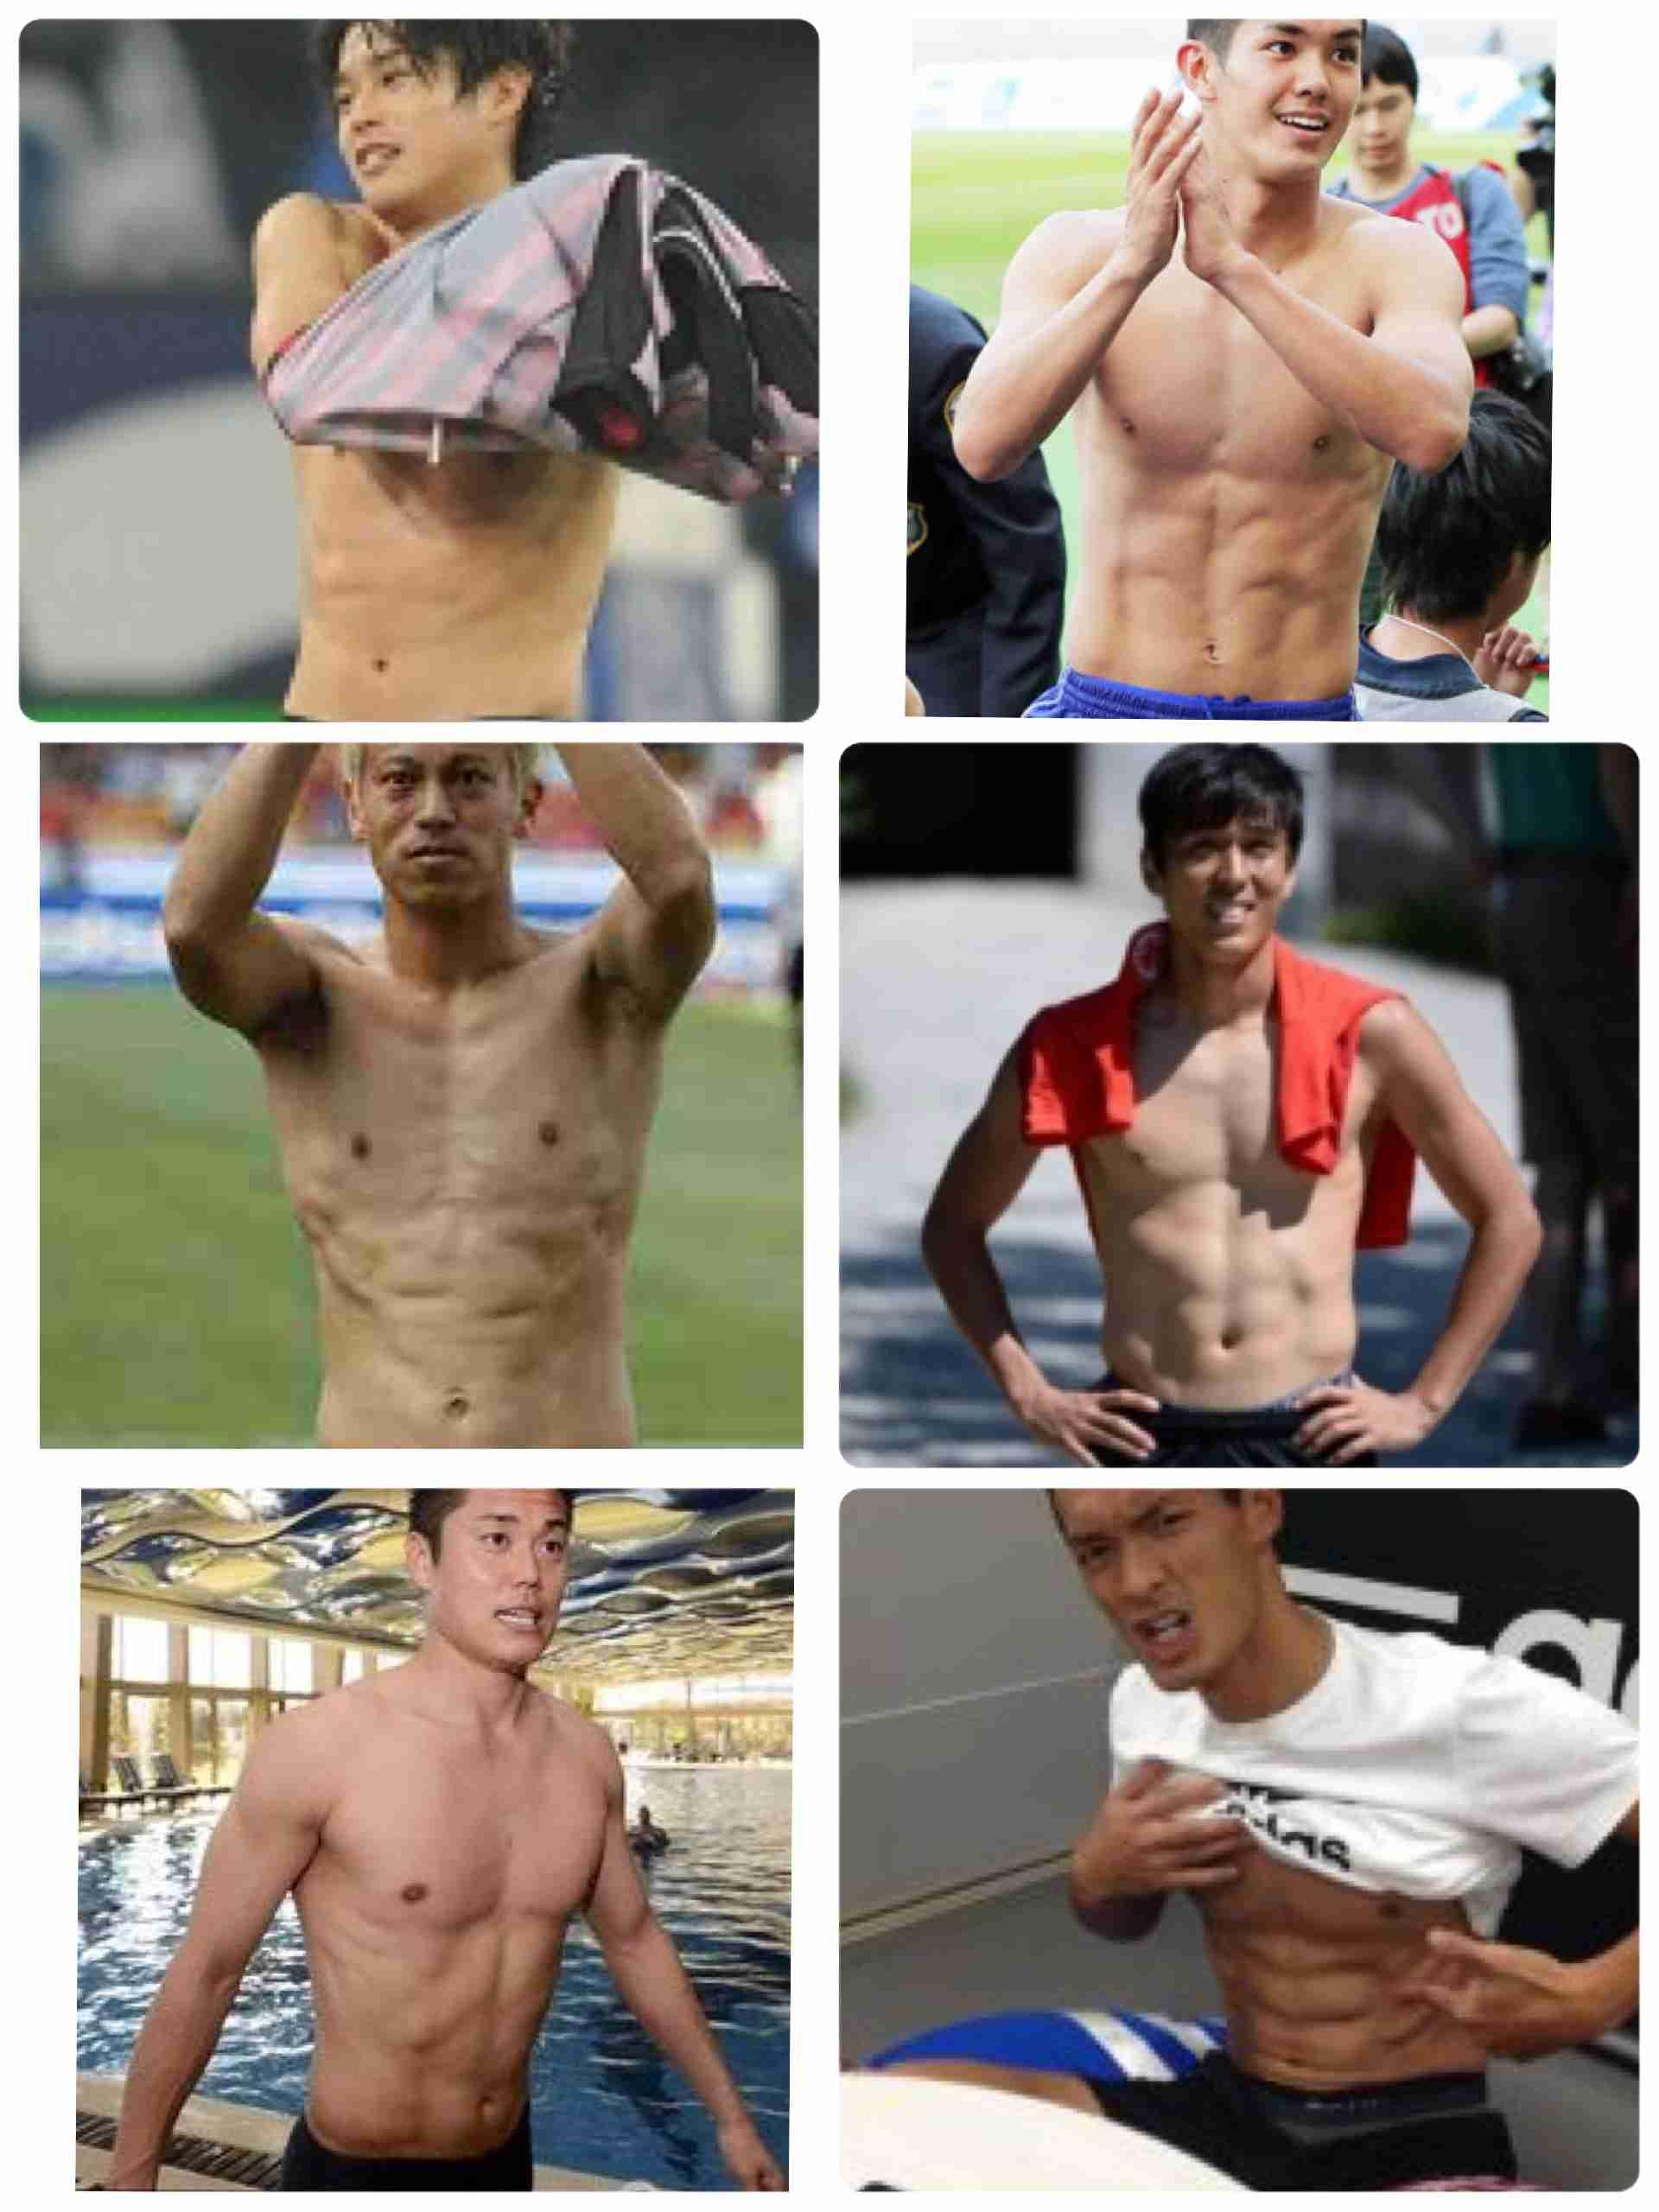 すごいスタイルのスポーツ選手が見たい